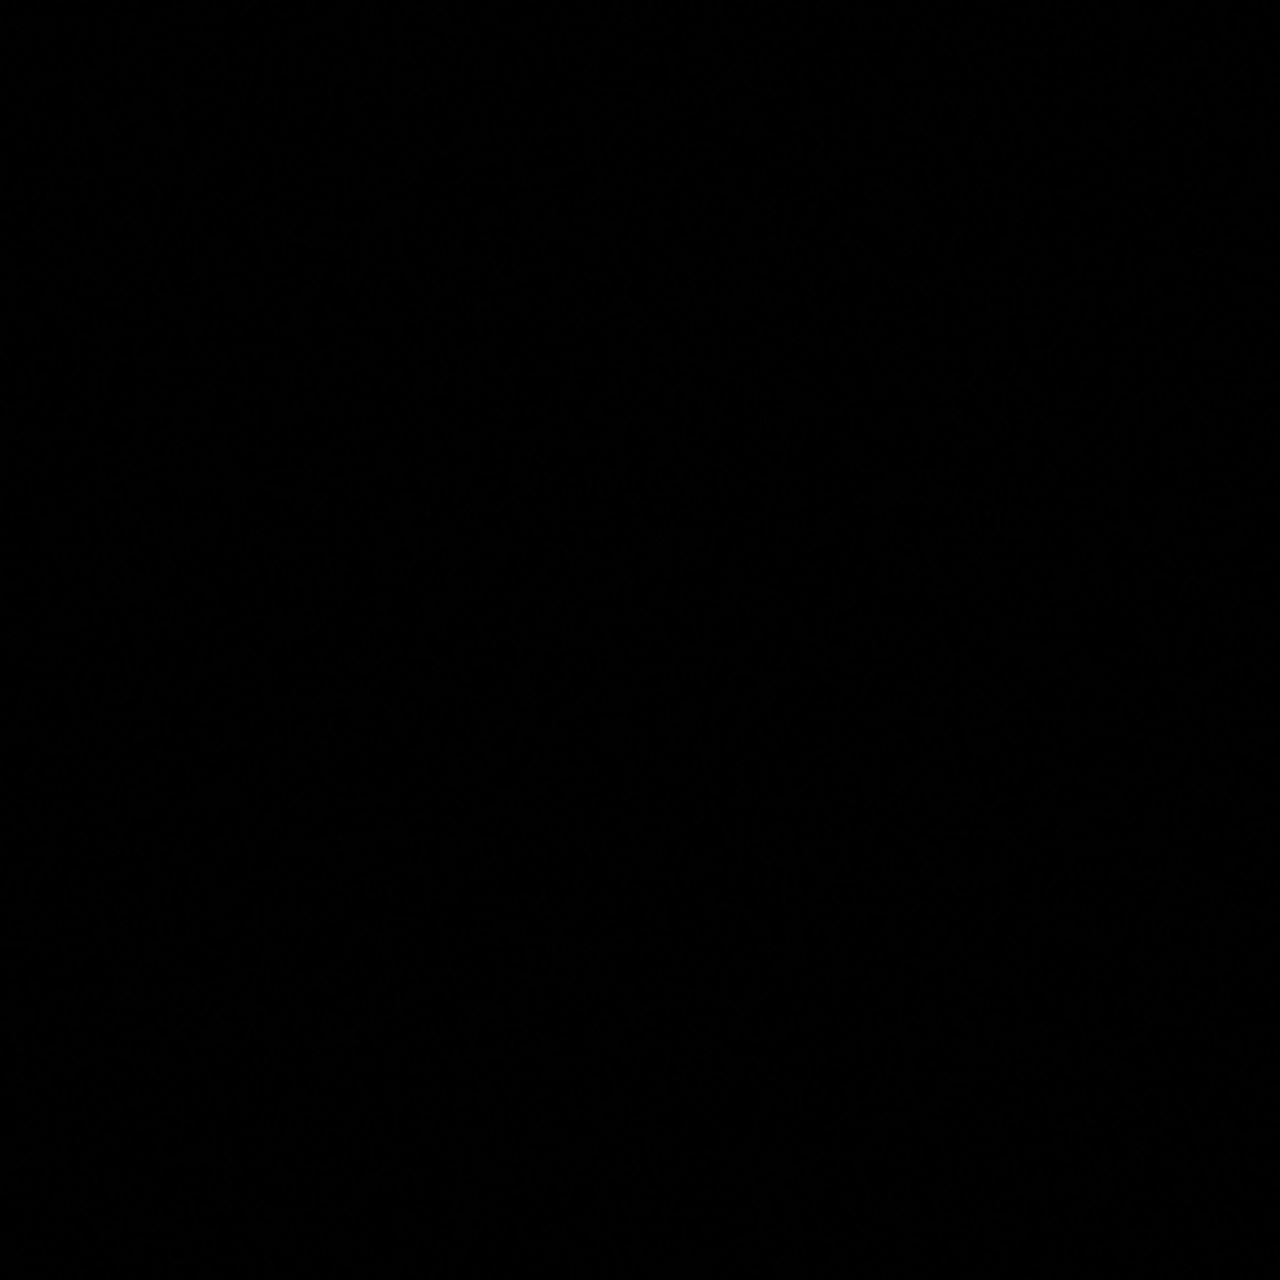 Trespa® Meteon® Metropolis Black L9000